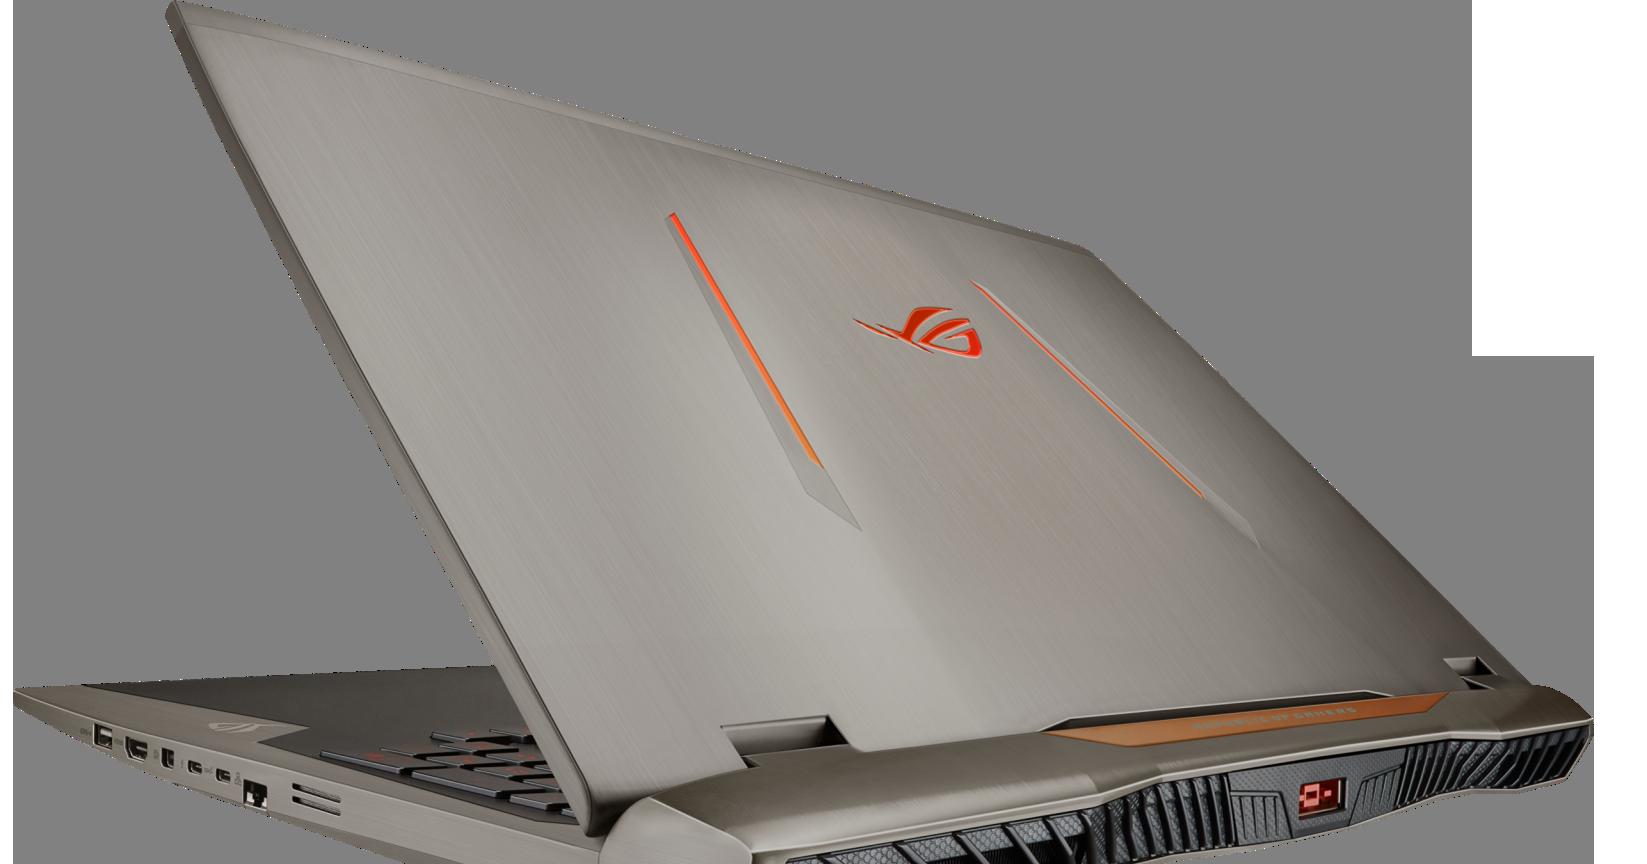 華碩推出全新電競筆電 G701VI ,引爆玩家熱血戰魂